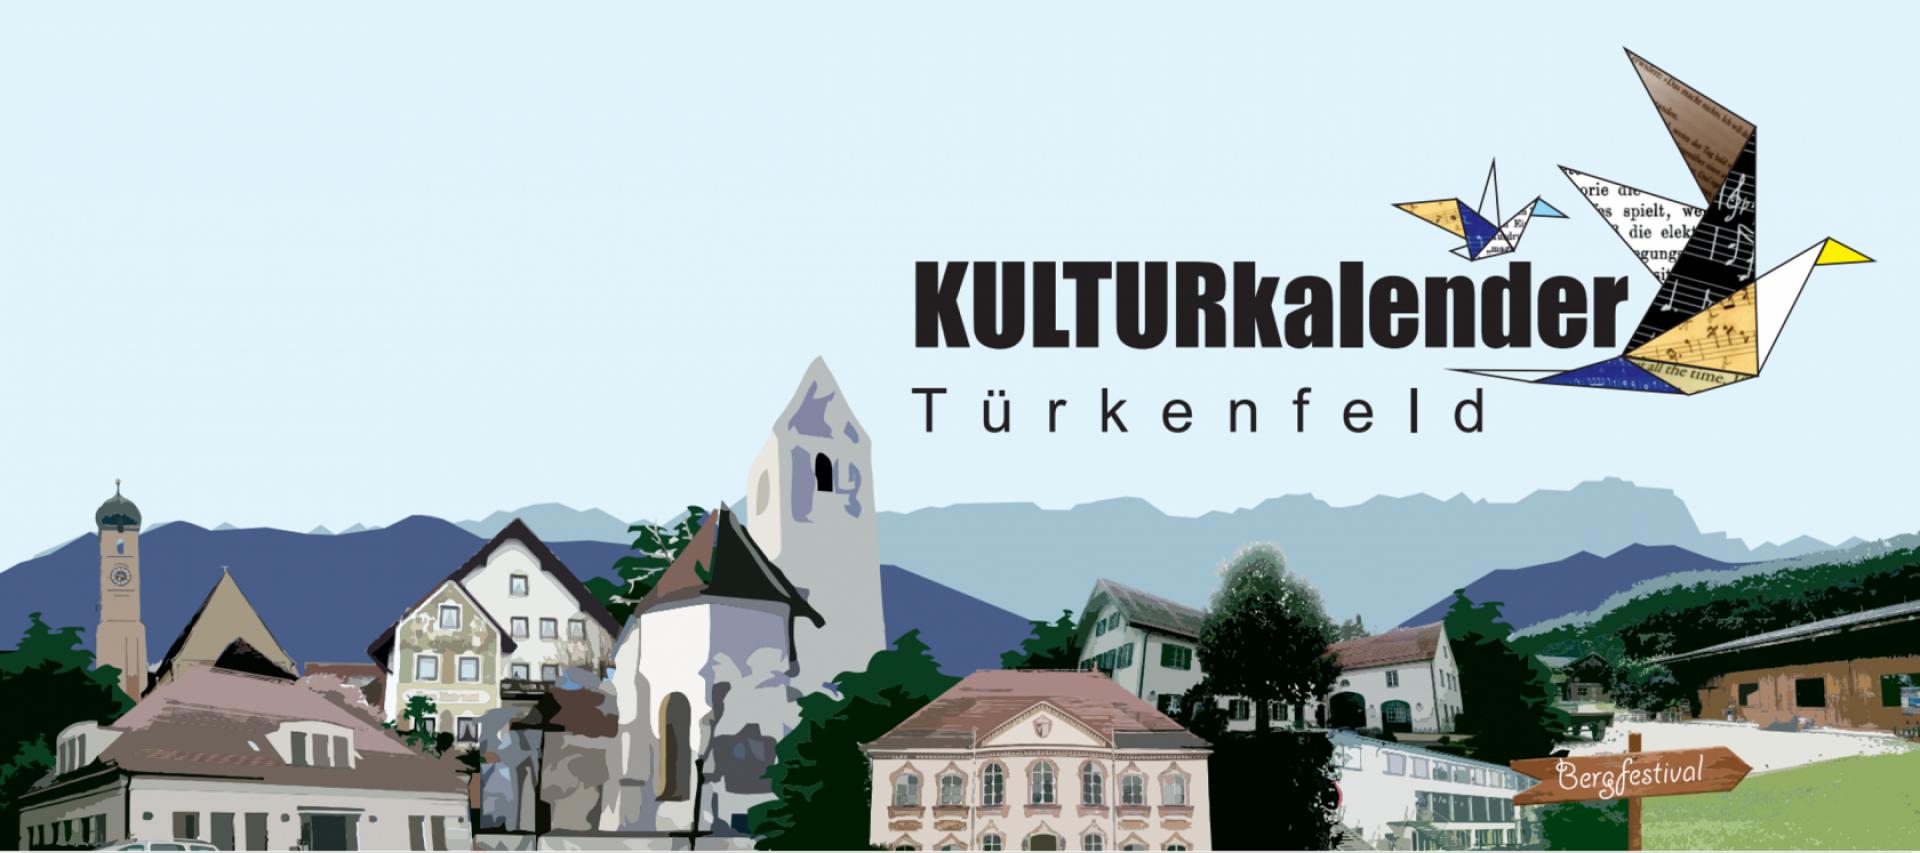 KULTURkalender Türkenfeld